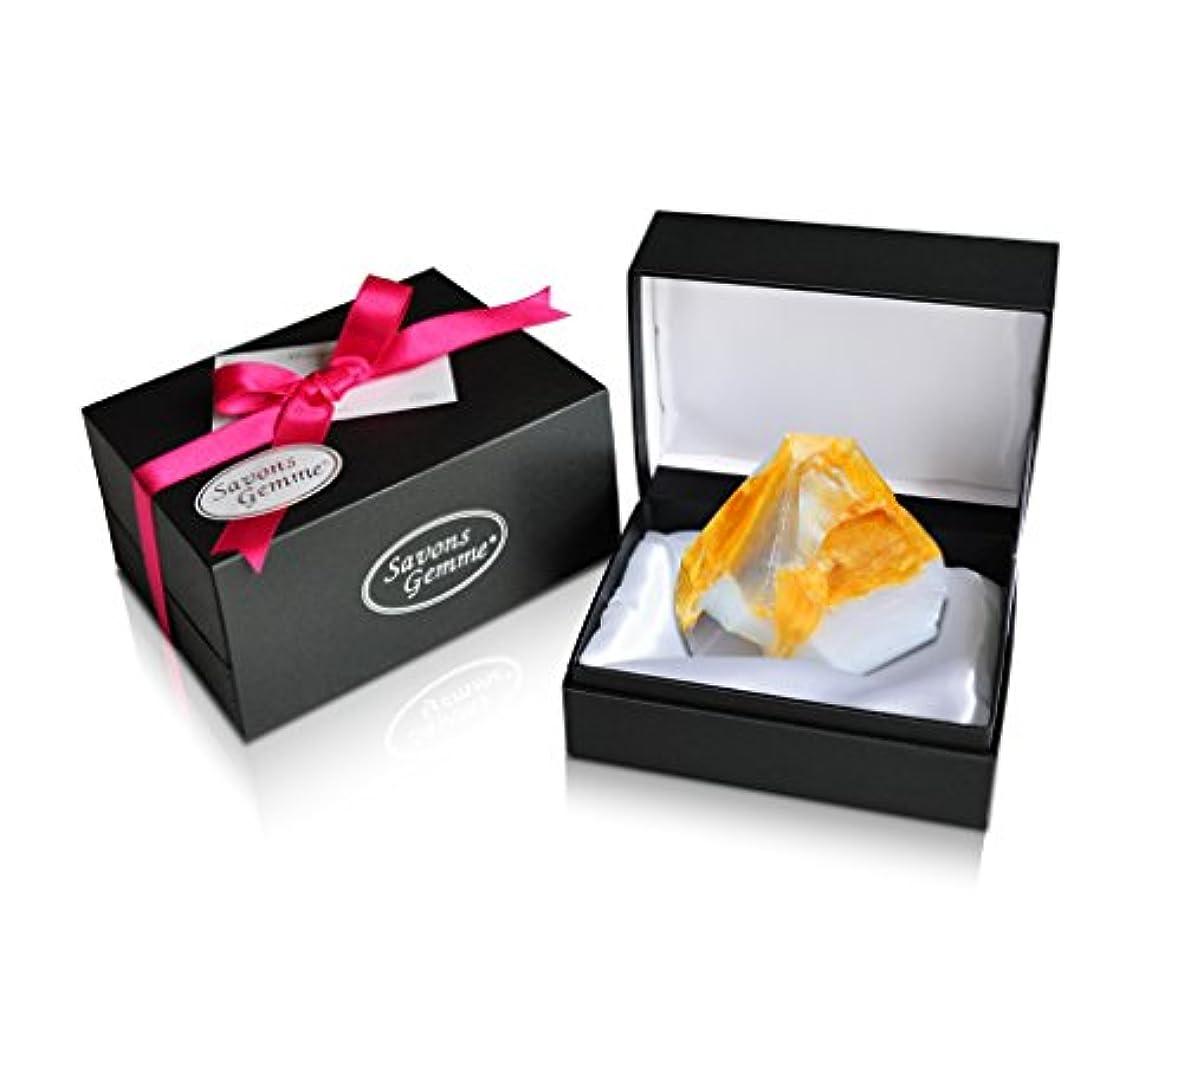 難しいラフレシアアルノルディ手伝うSavons Gemme サボンジェム ジュエリーギフトボックス 世界で一番美しい宝石石鹸 フレグランス ソープ 宝石箱のようなラグジュアリー感を演出 アルバトールオリエンタル 170g 【日本総代理店品】